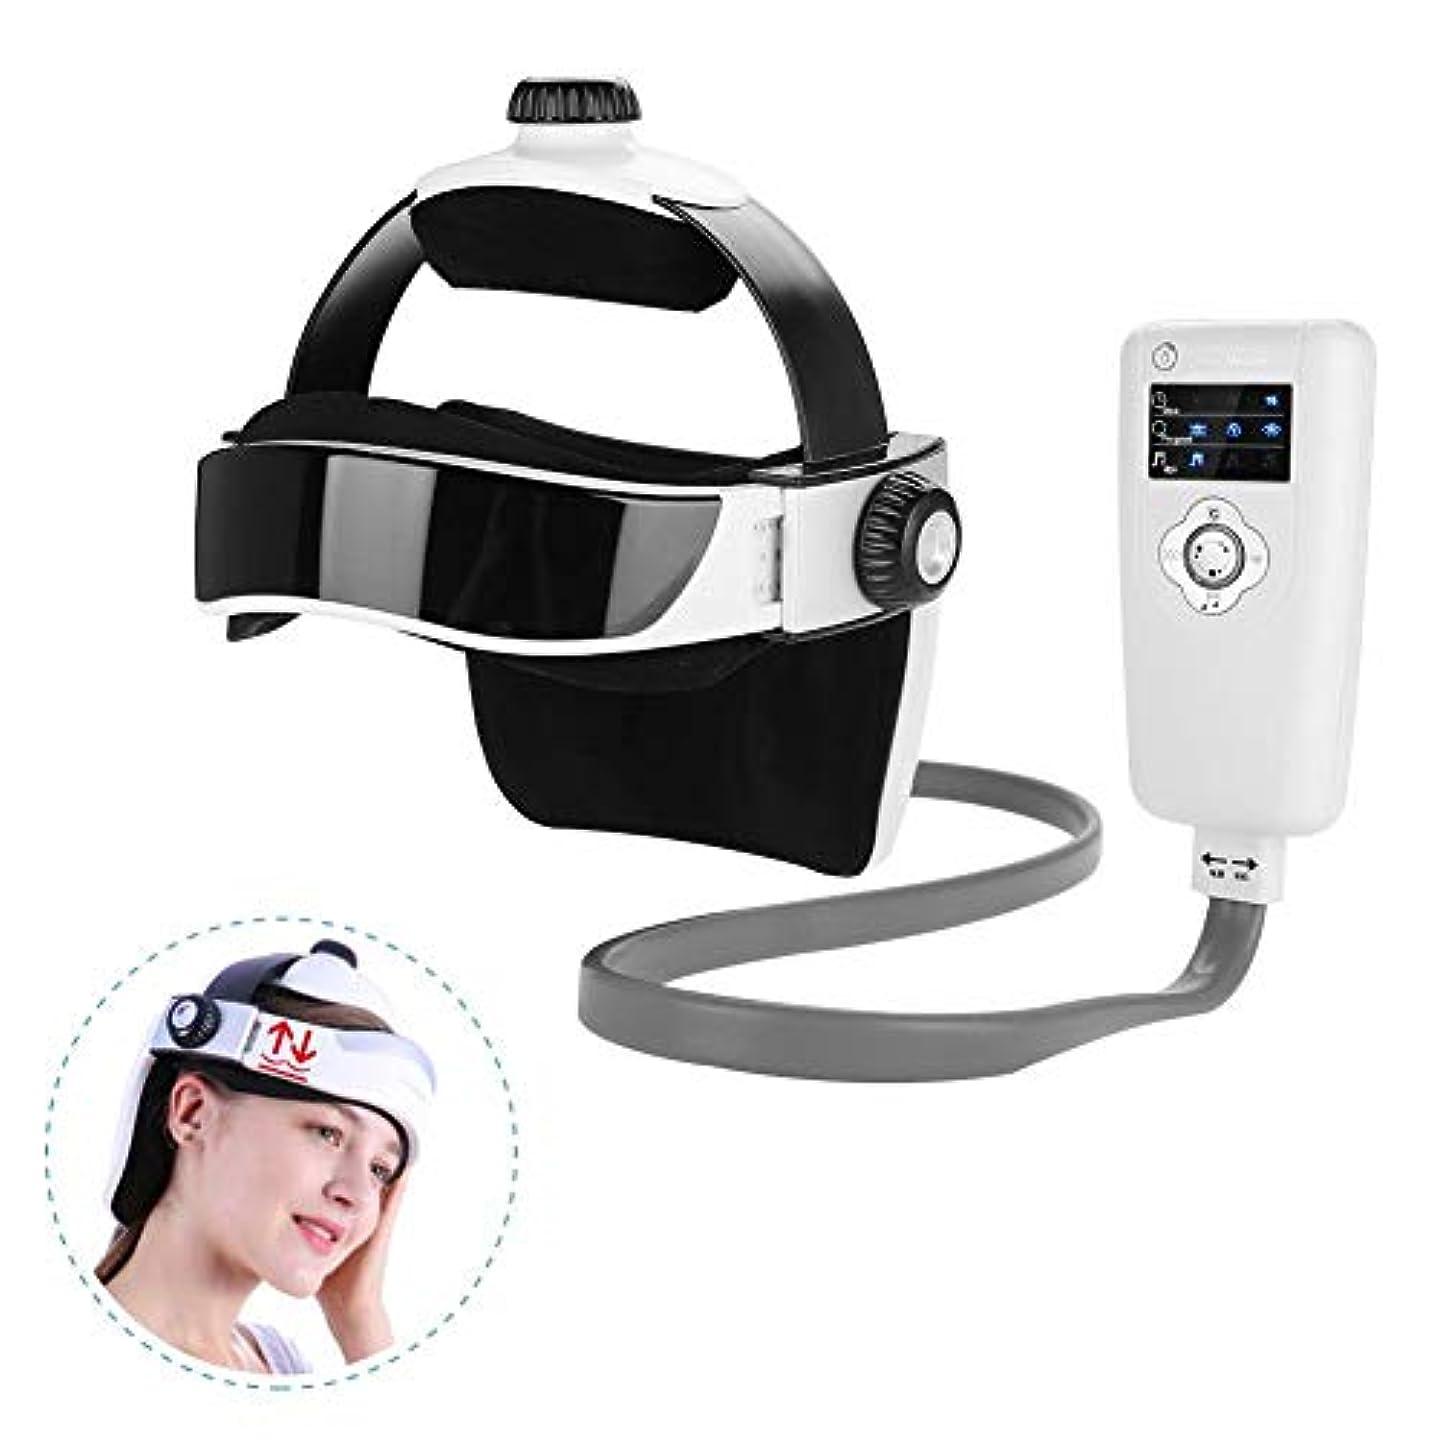 ペア十分に変わるヘッド振動マッサージャー、電気インテリジェント指プレスマッサージヘルメット、恒温脳リラックスワイヤレスコントローラーと内蔵音楽ヘルスケアツール付きマッサージ